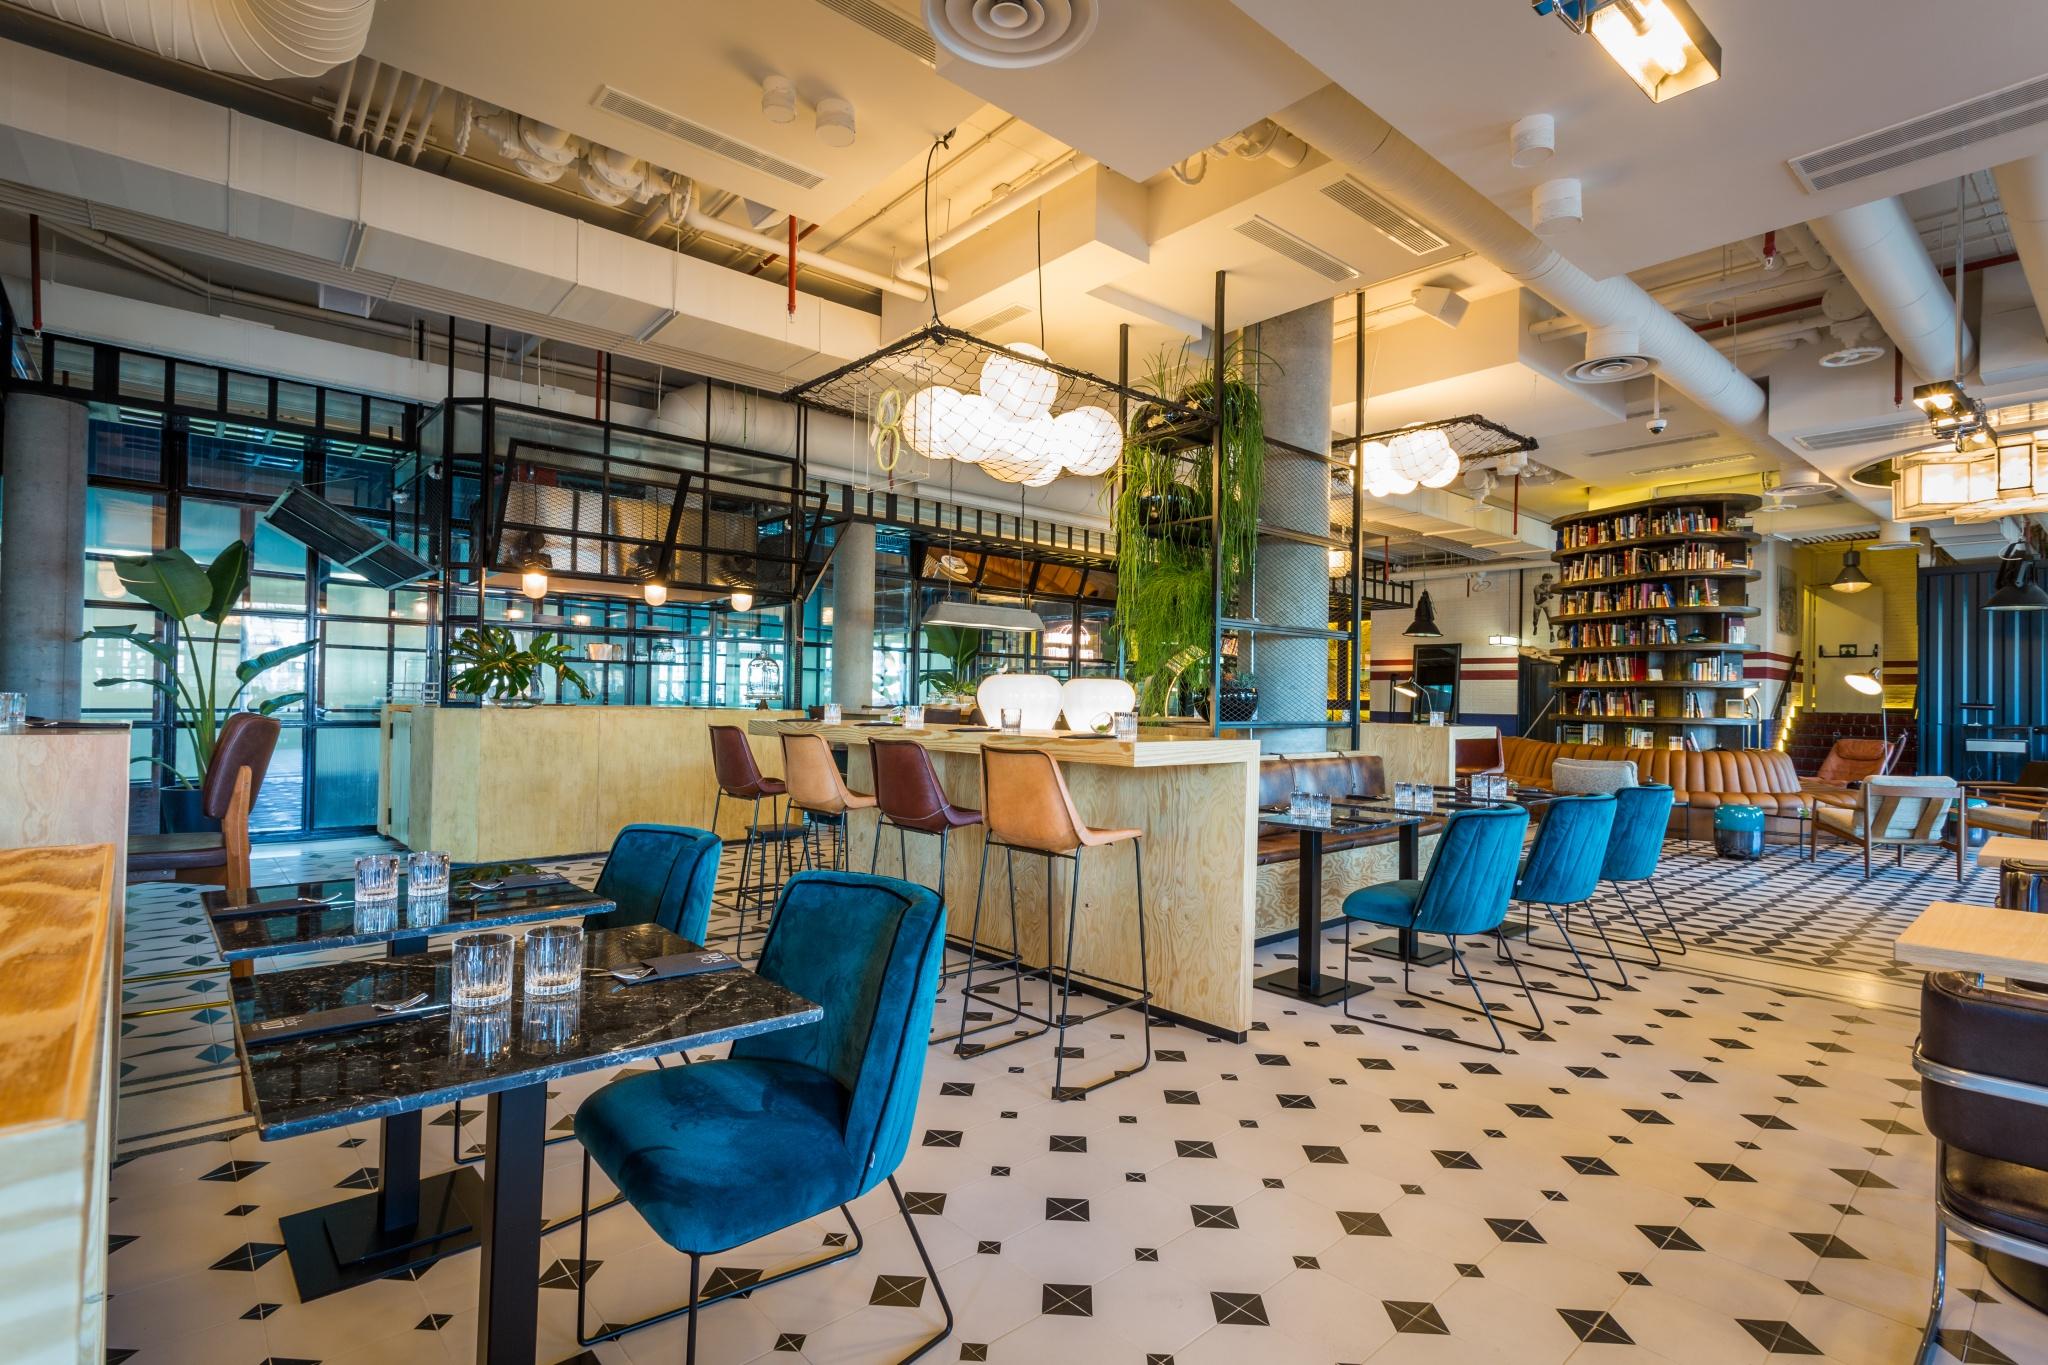 Cocina mestiza en restaurante trotamundos only you hotel for Hoteles minimalistas en espana